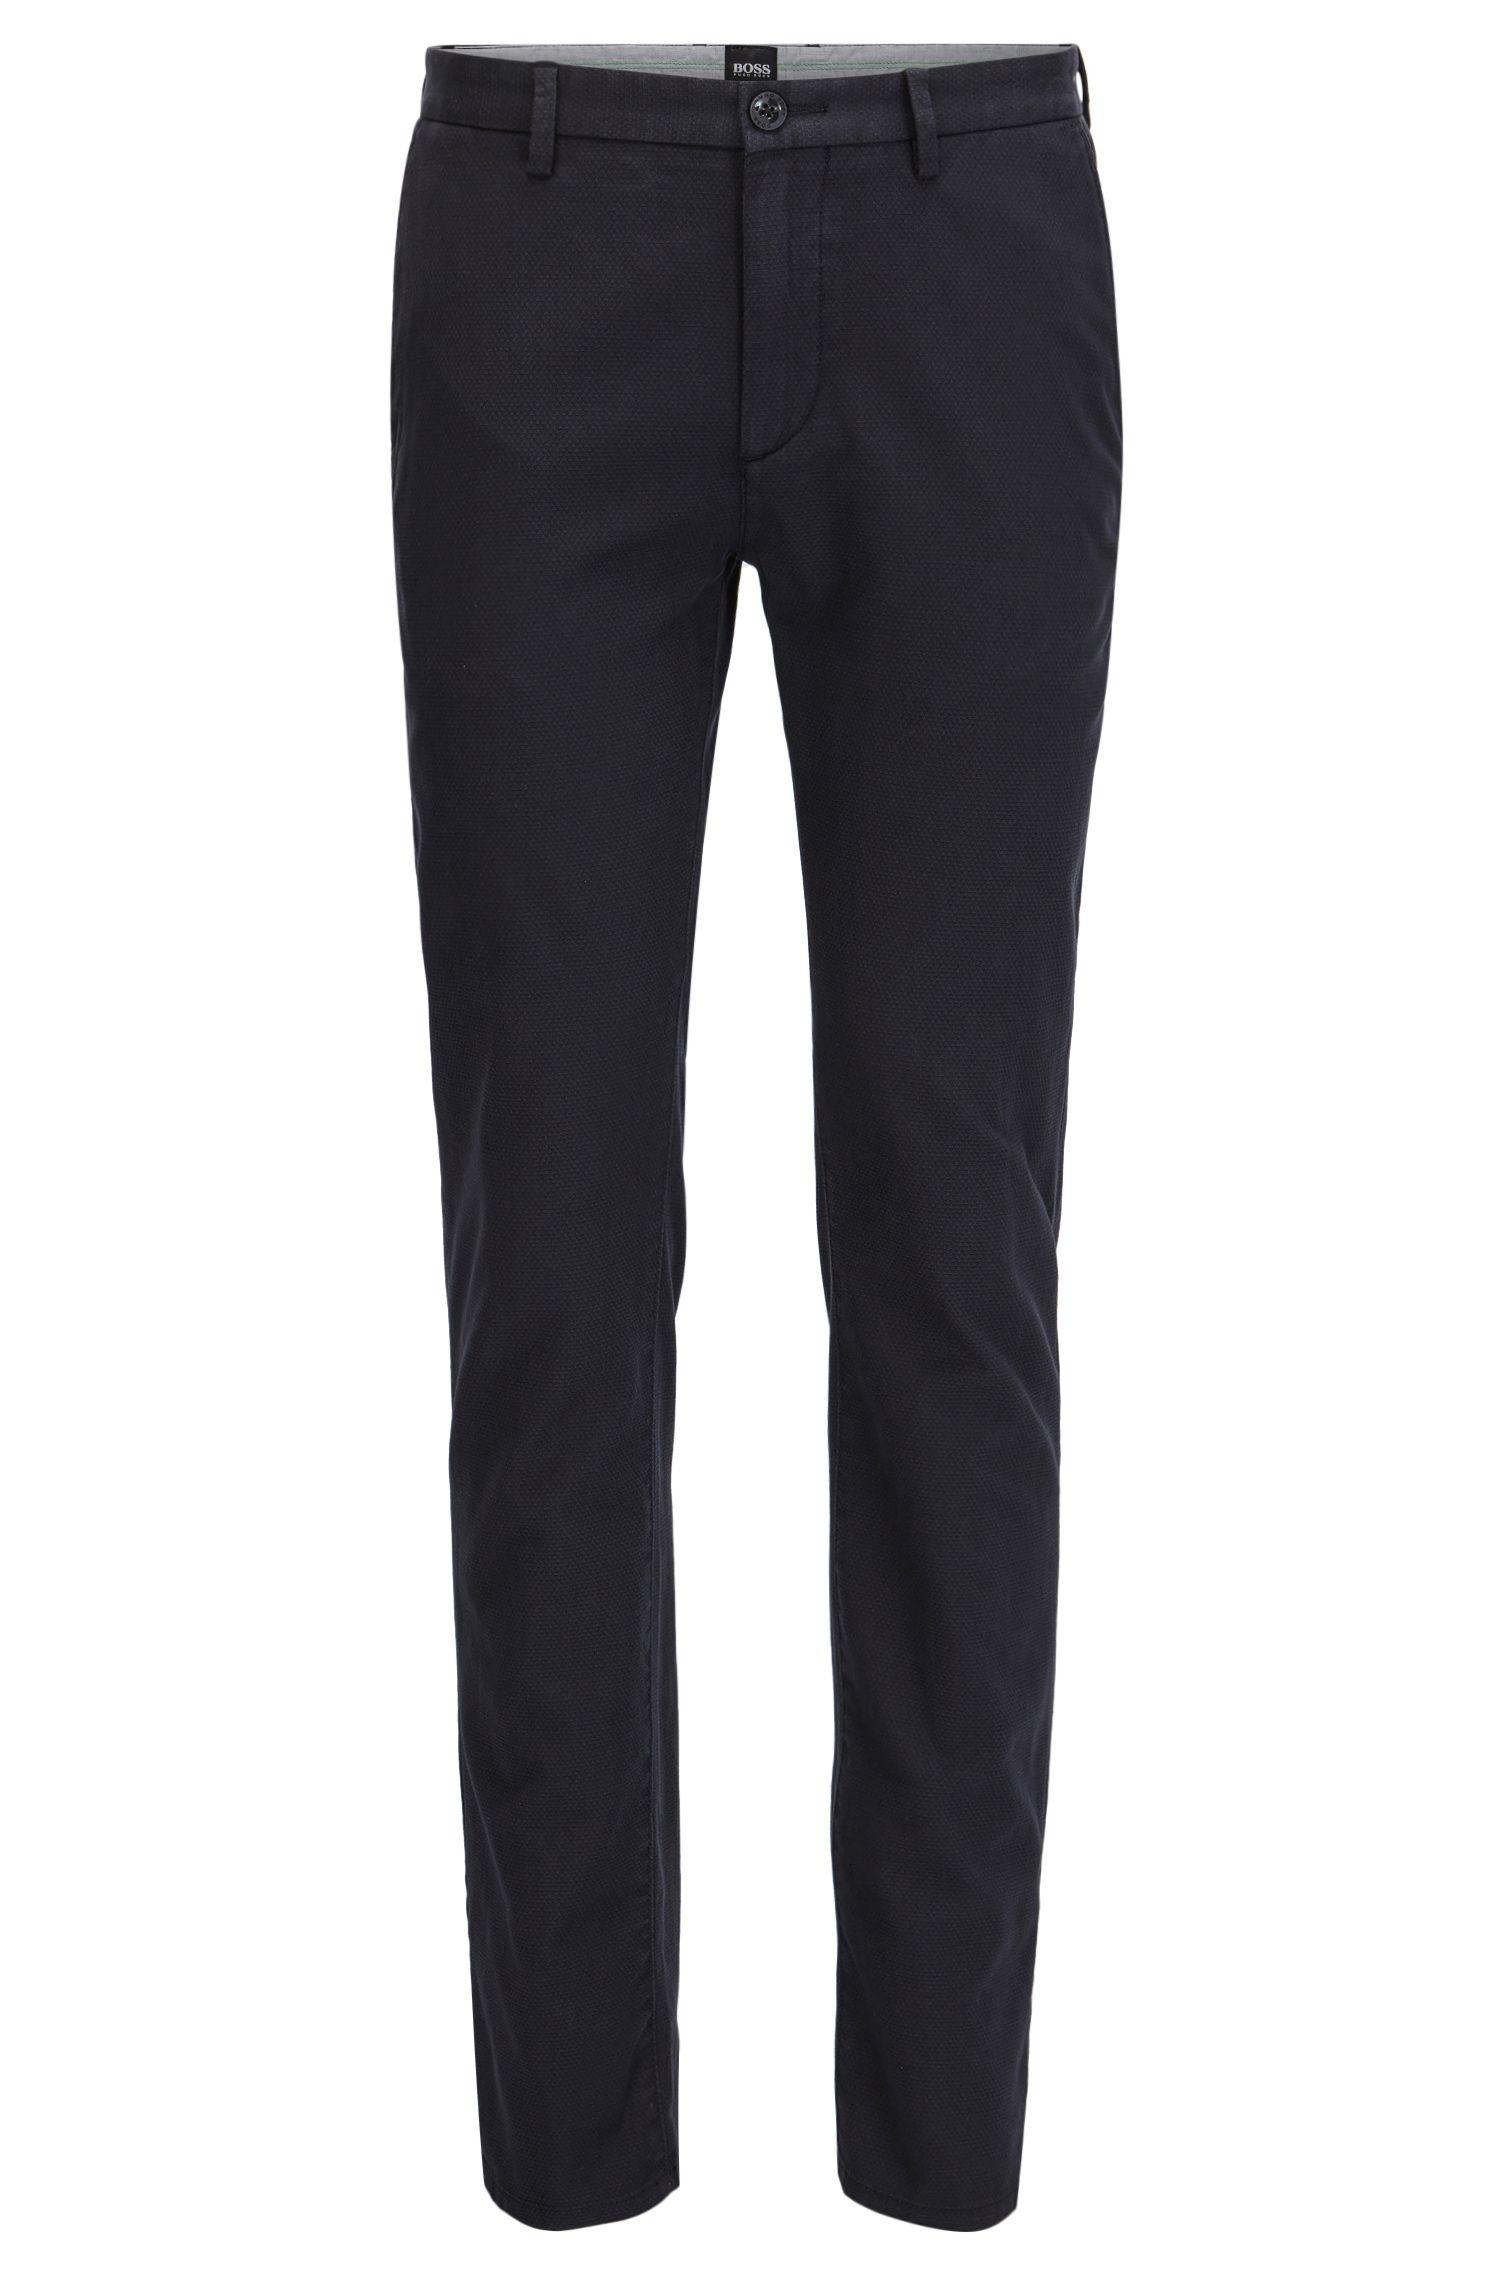 Pantalon chino Slim Fit en coton deux tons structuré